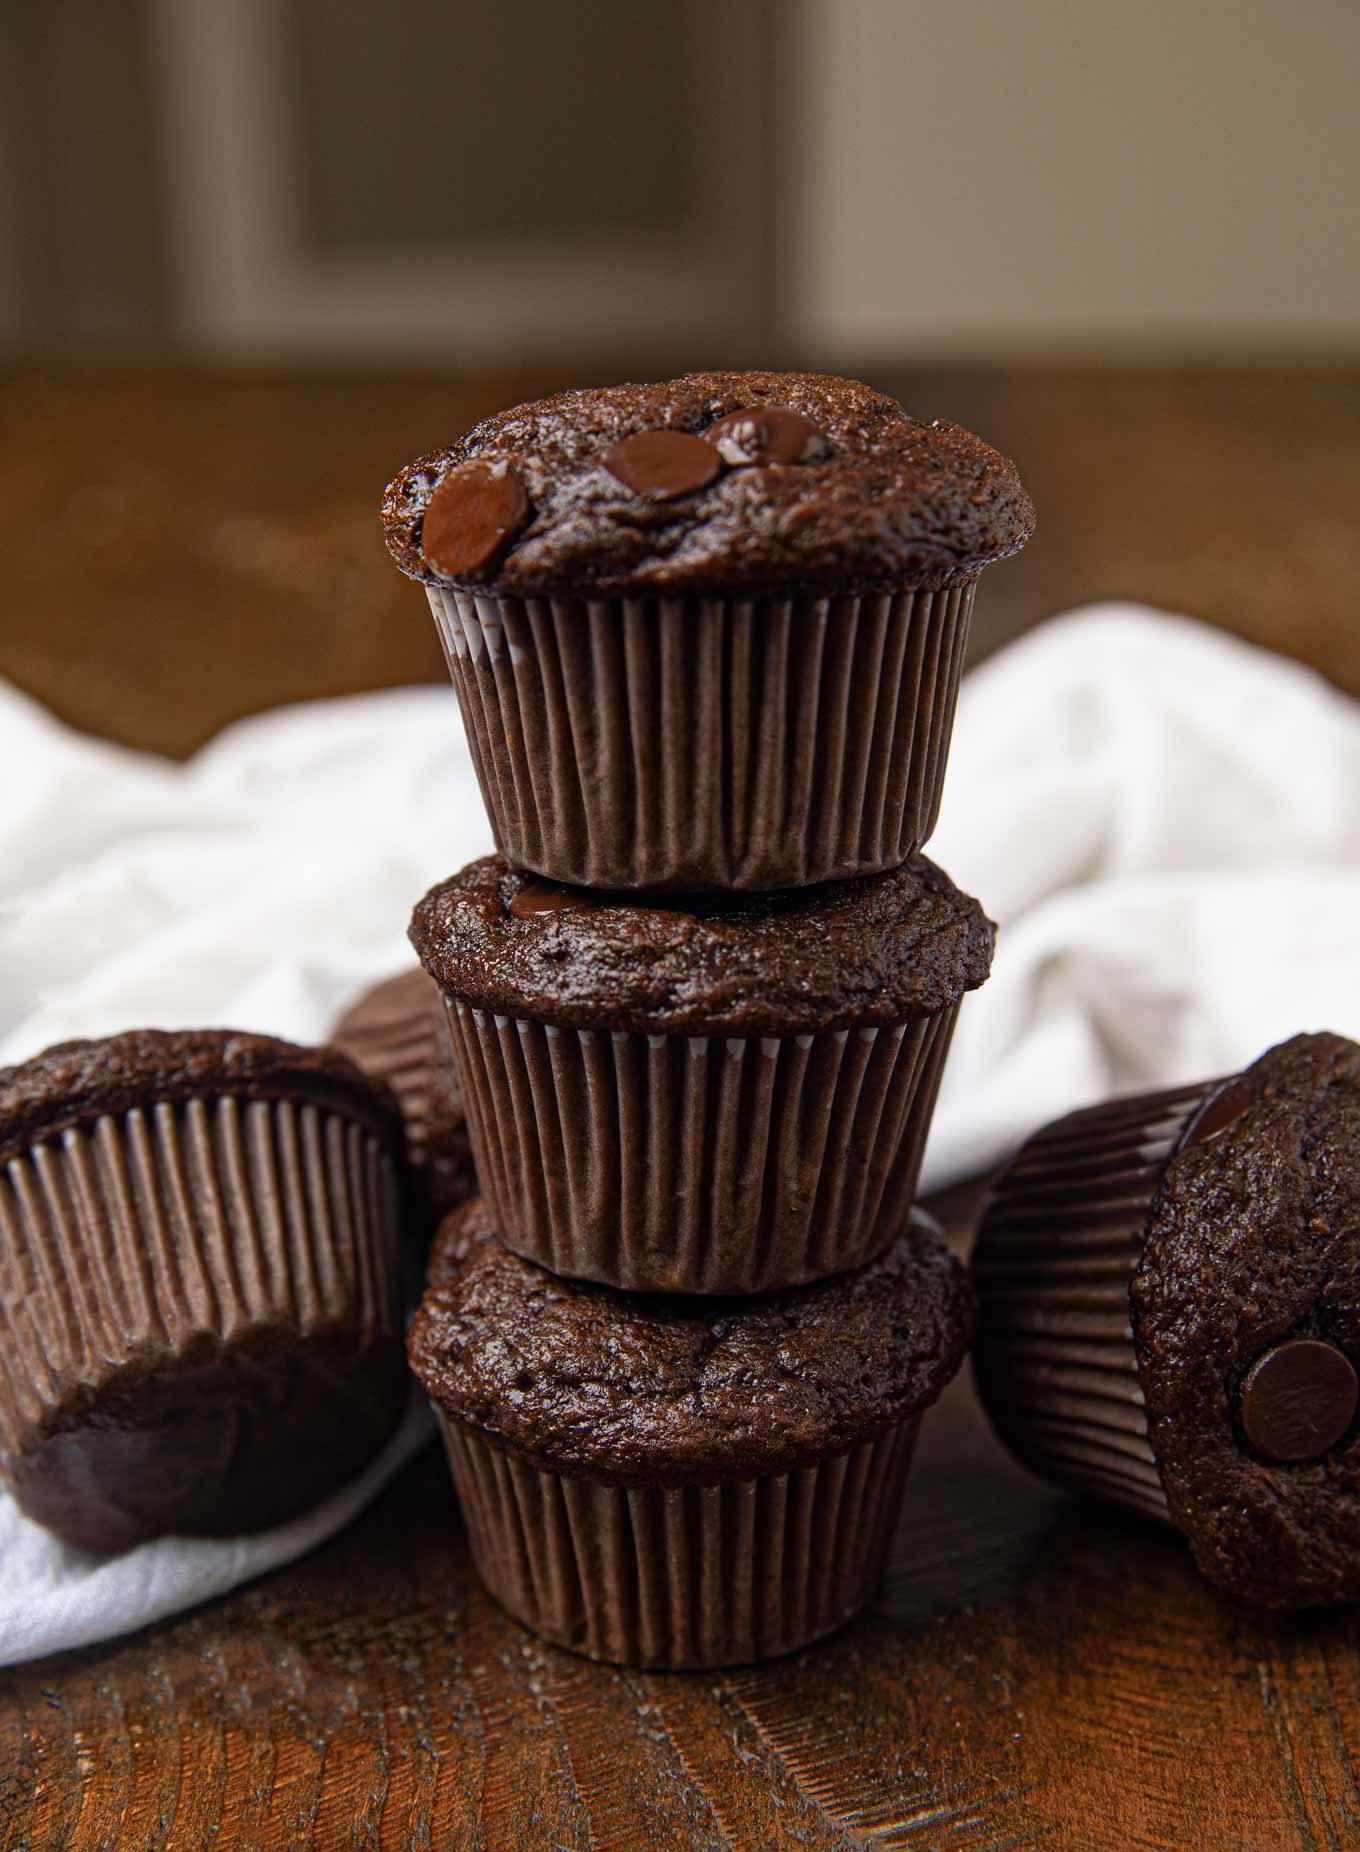 Stack of Chocolate Banana Muffins